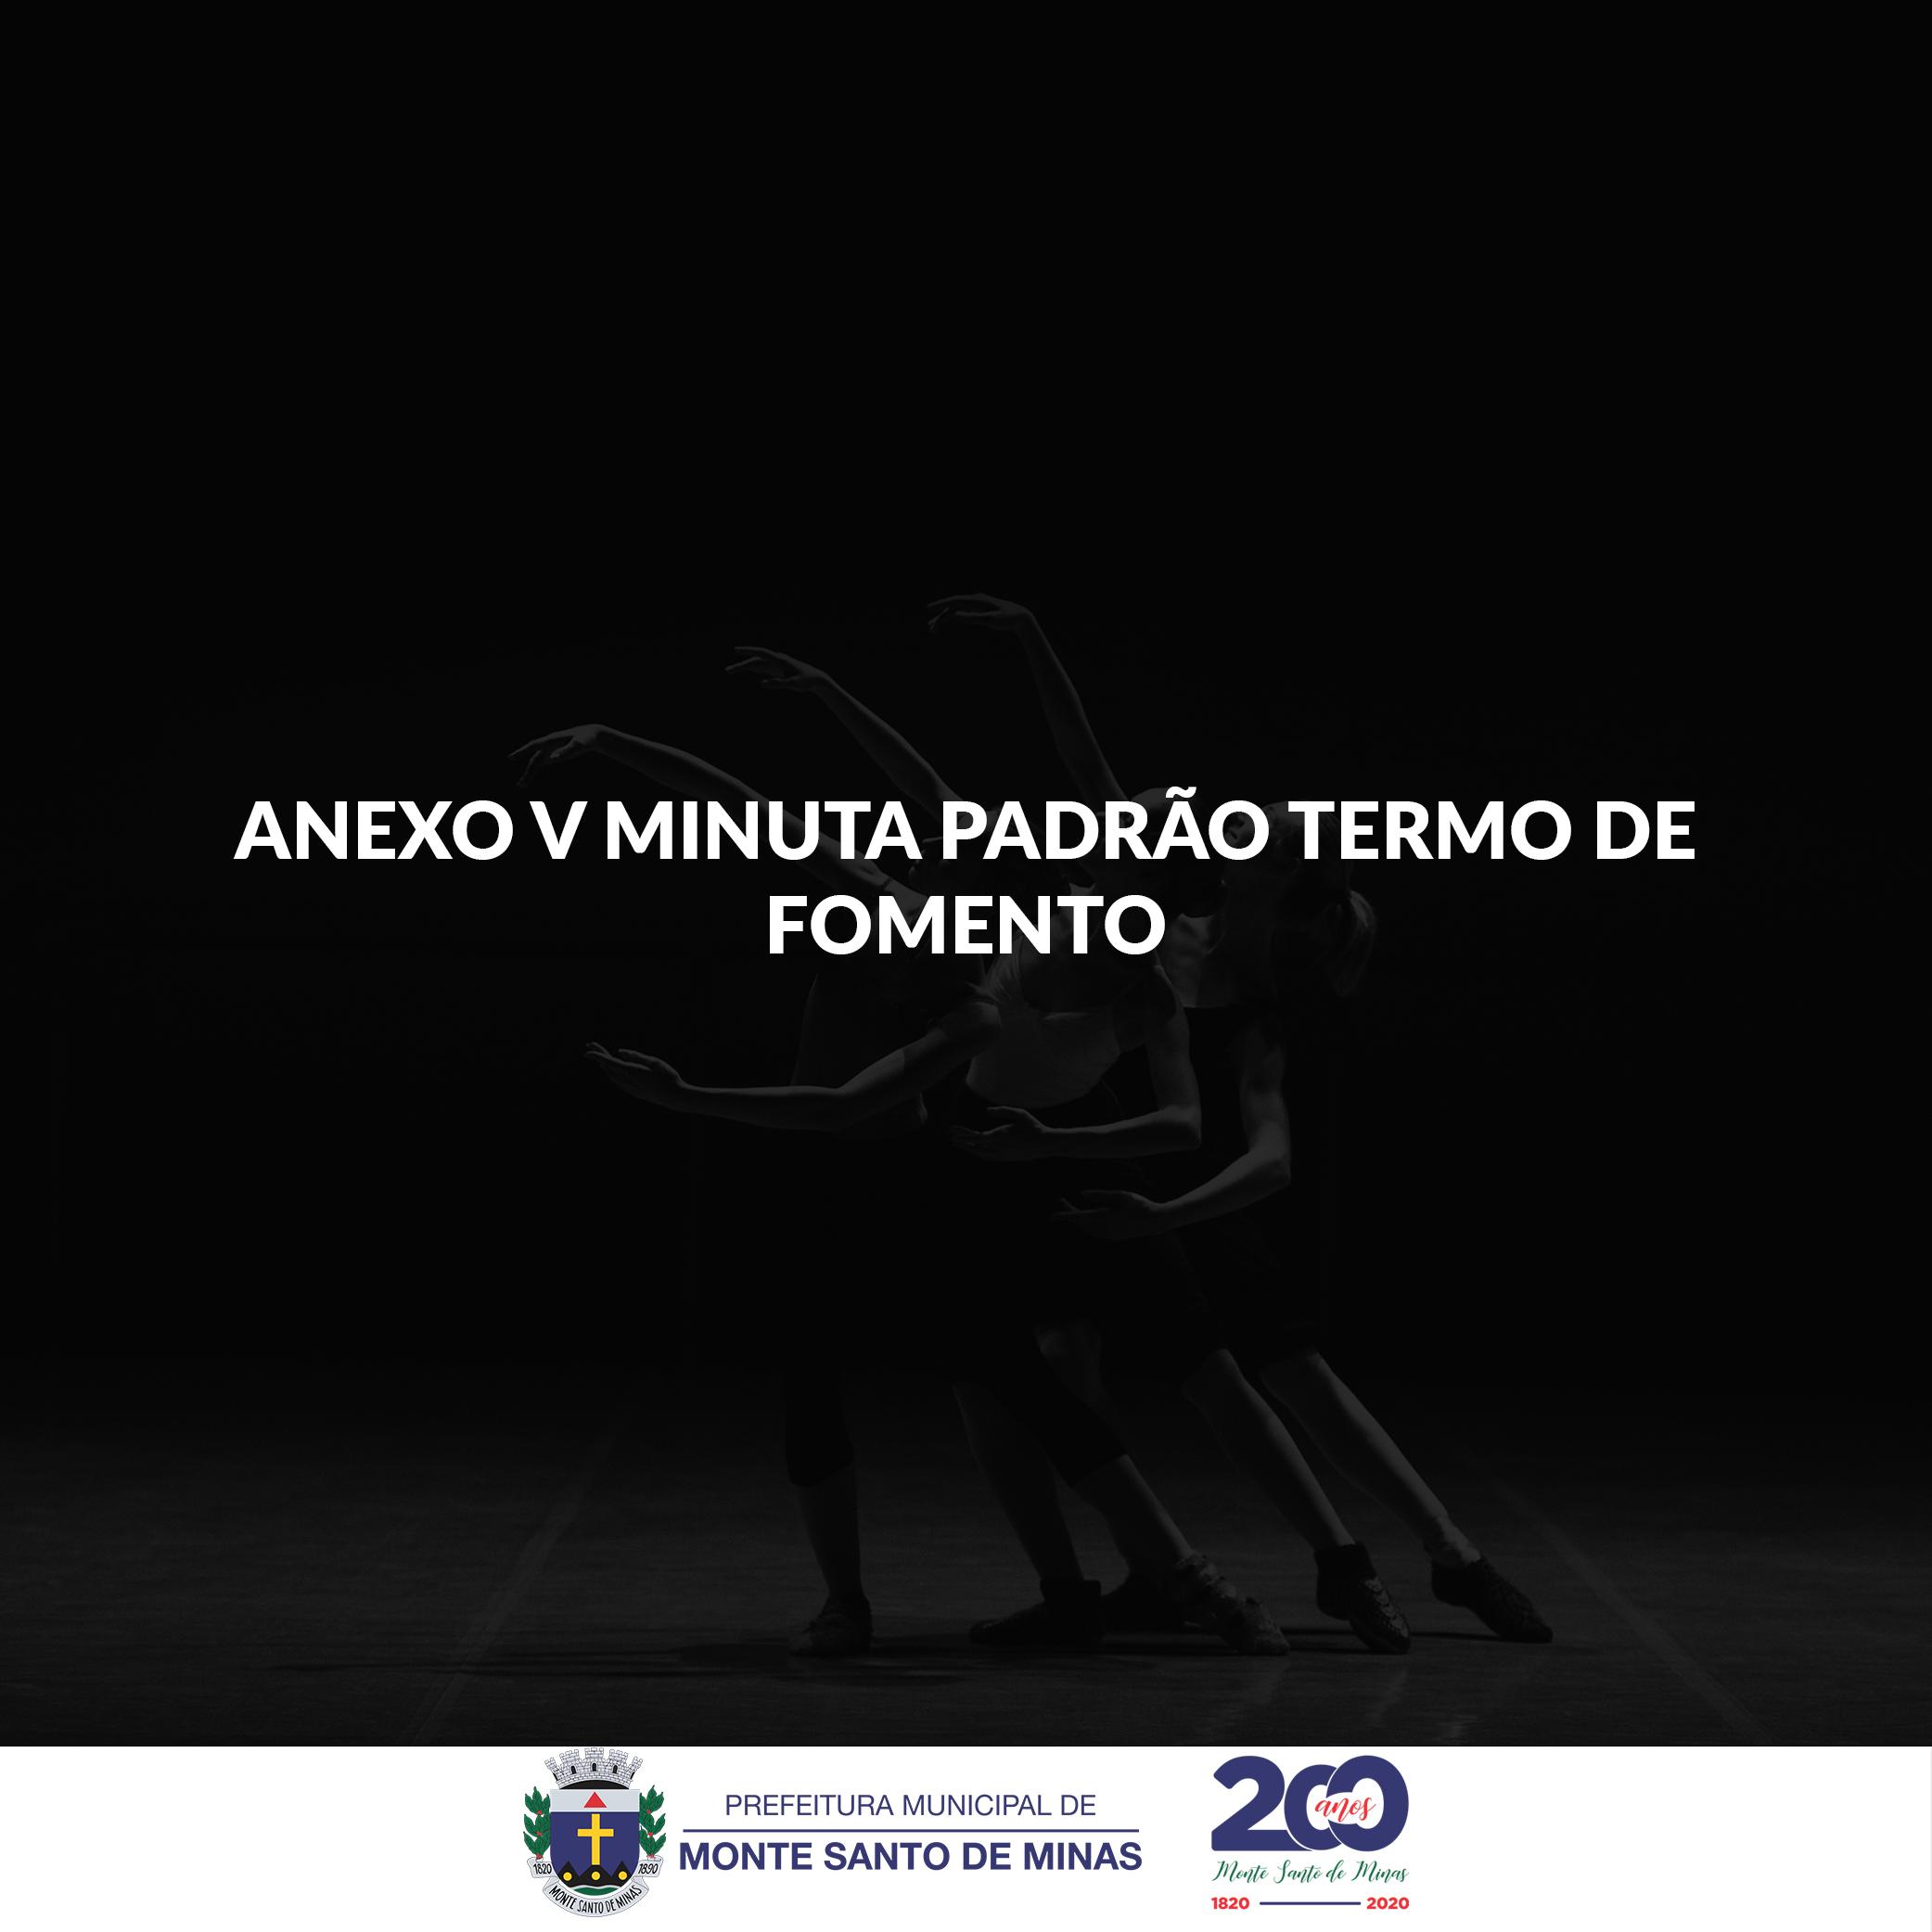 ANEXO V – MINUTA PADRÃO DO TERMO DE FOMENTO